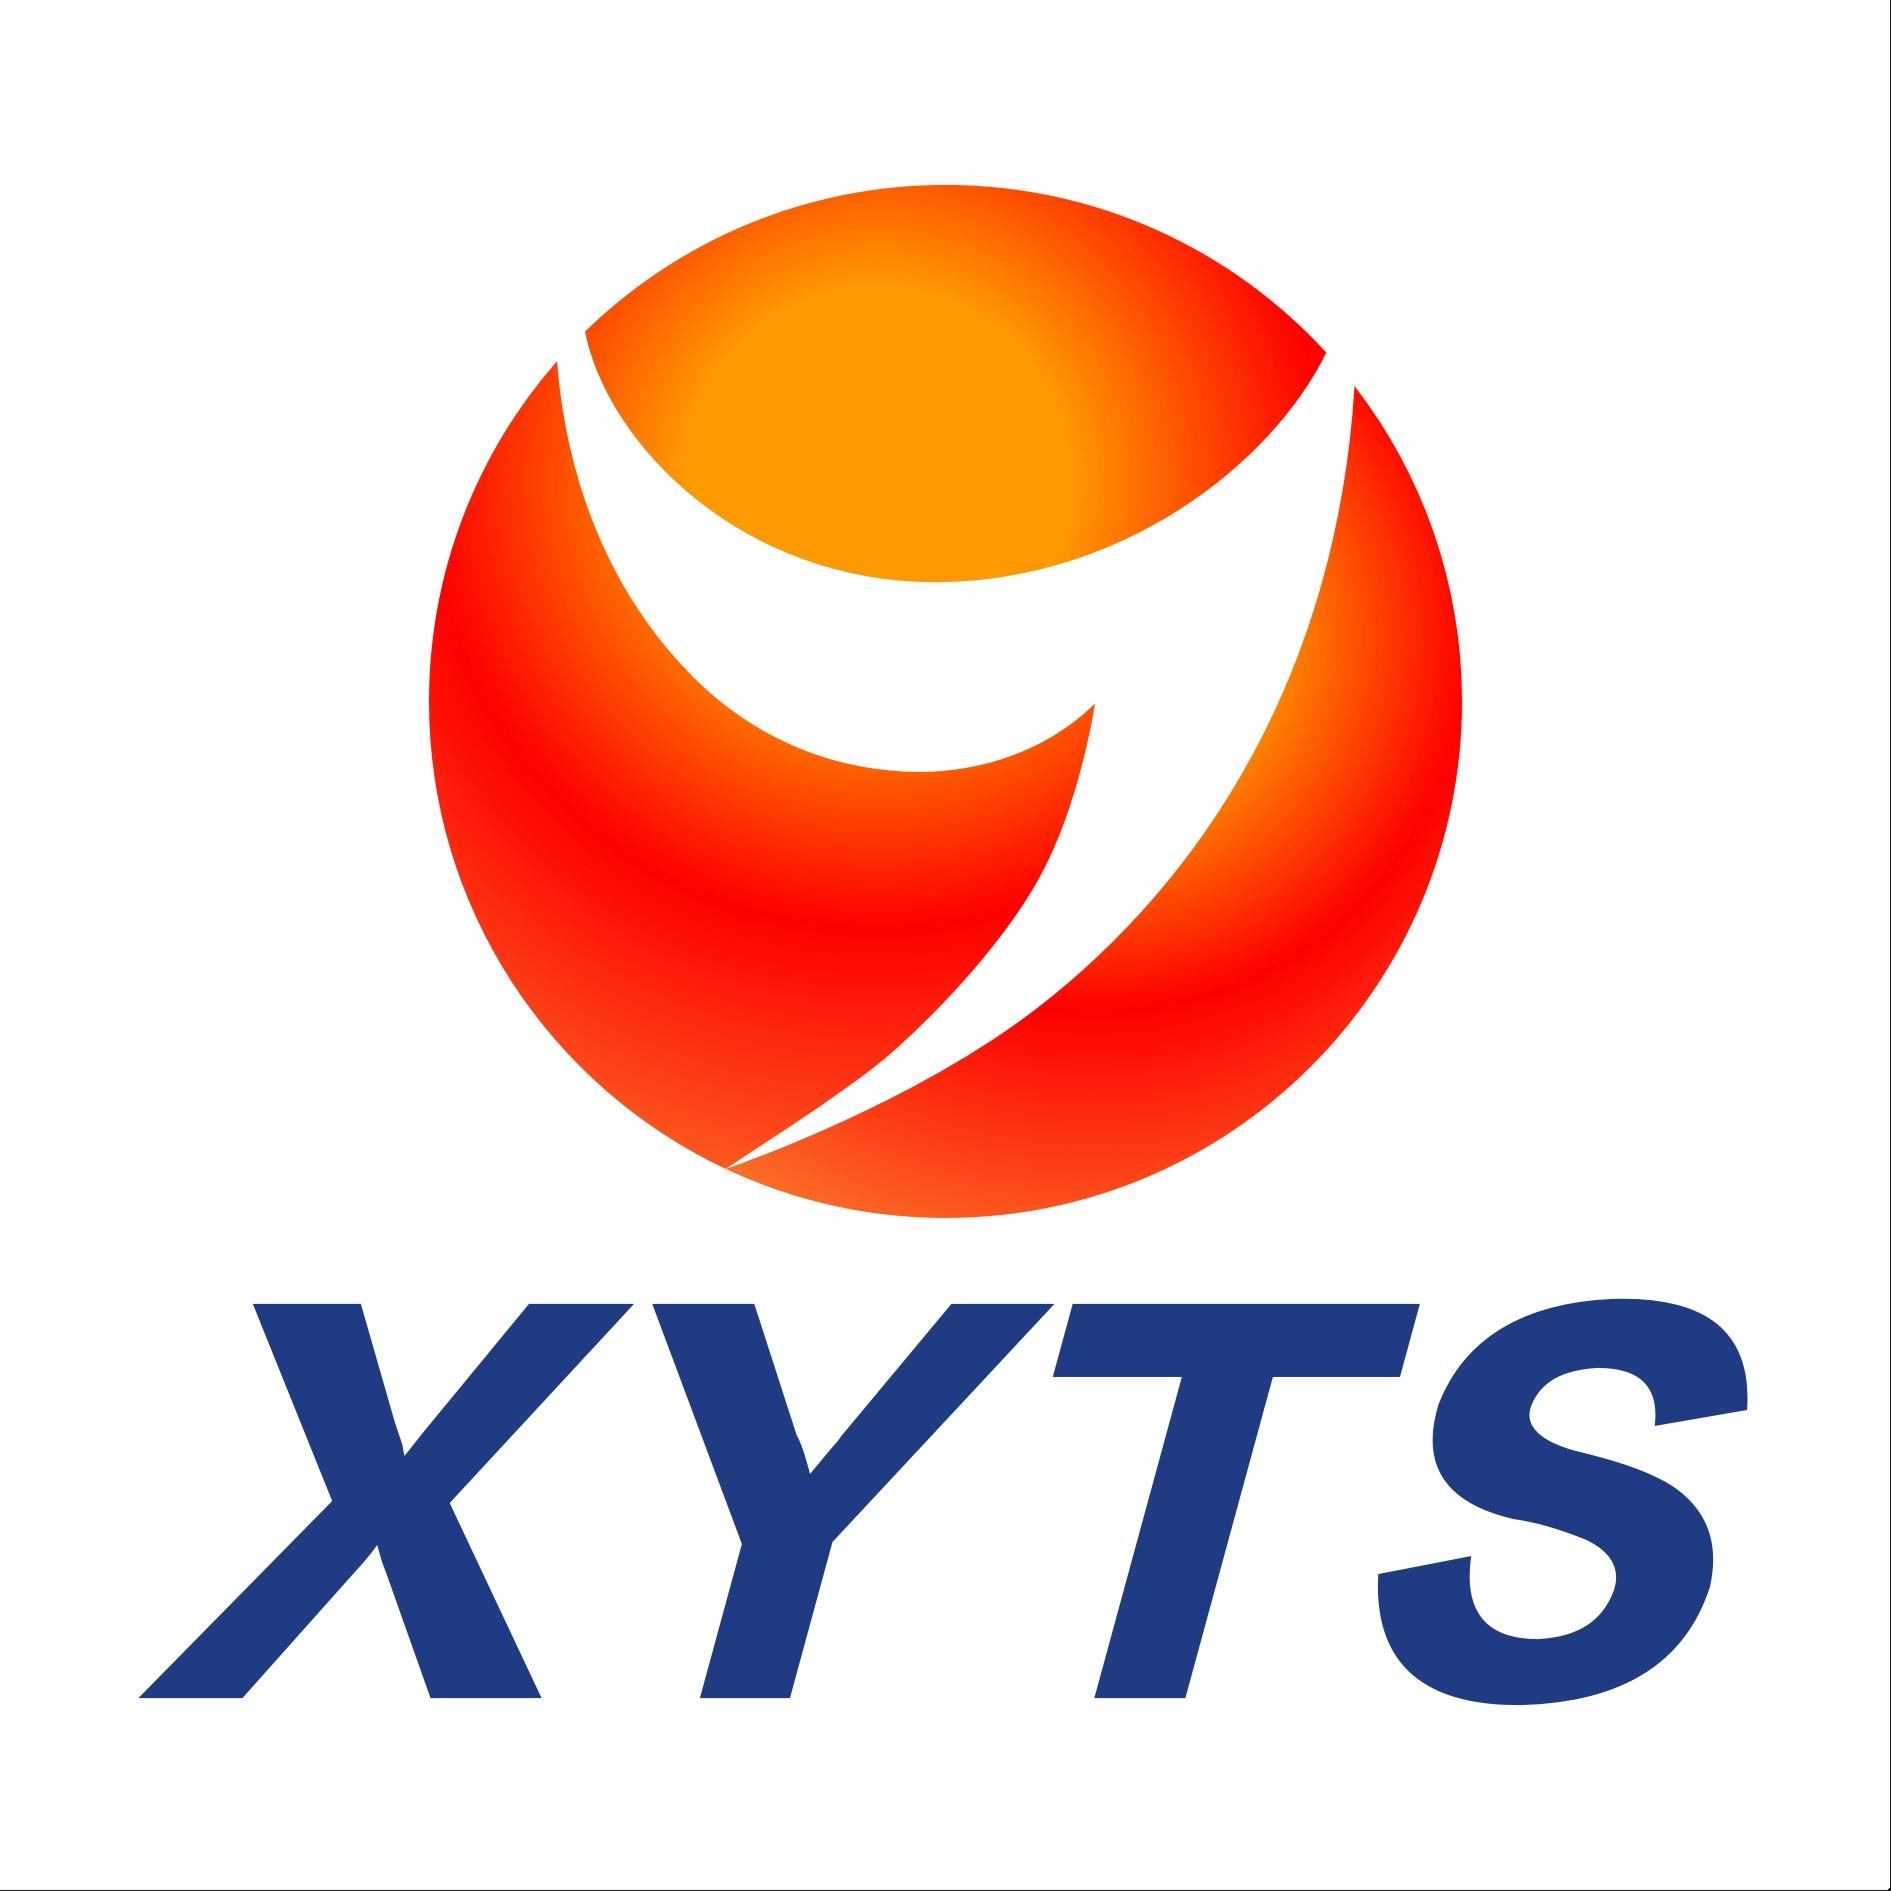 西安青旅国际旅行社有限责任公司阎良关山门市部